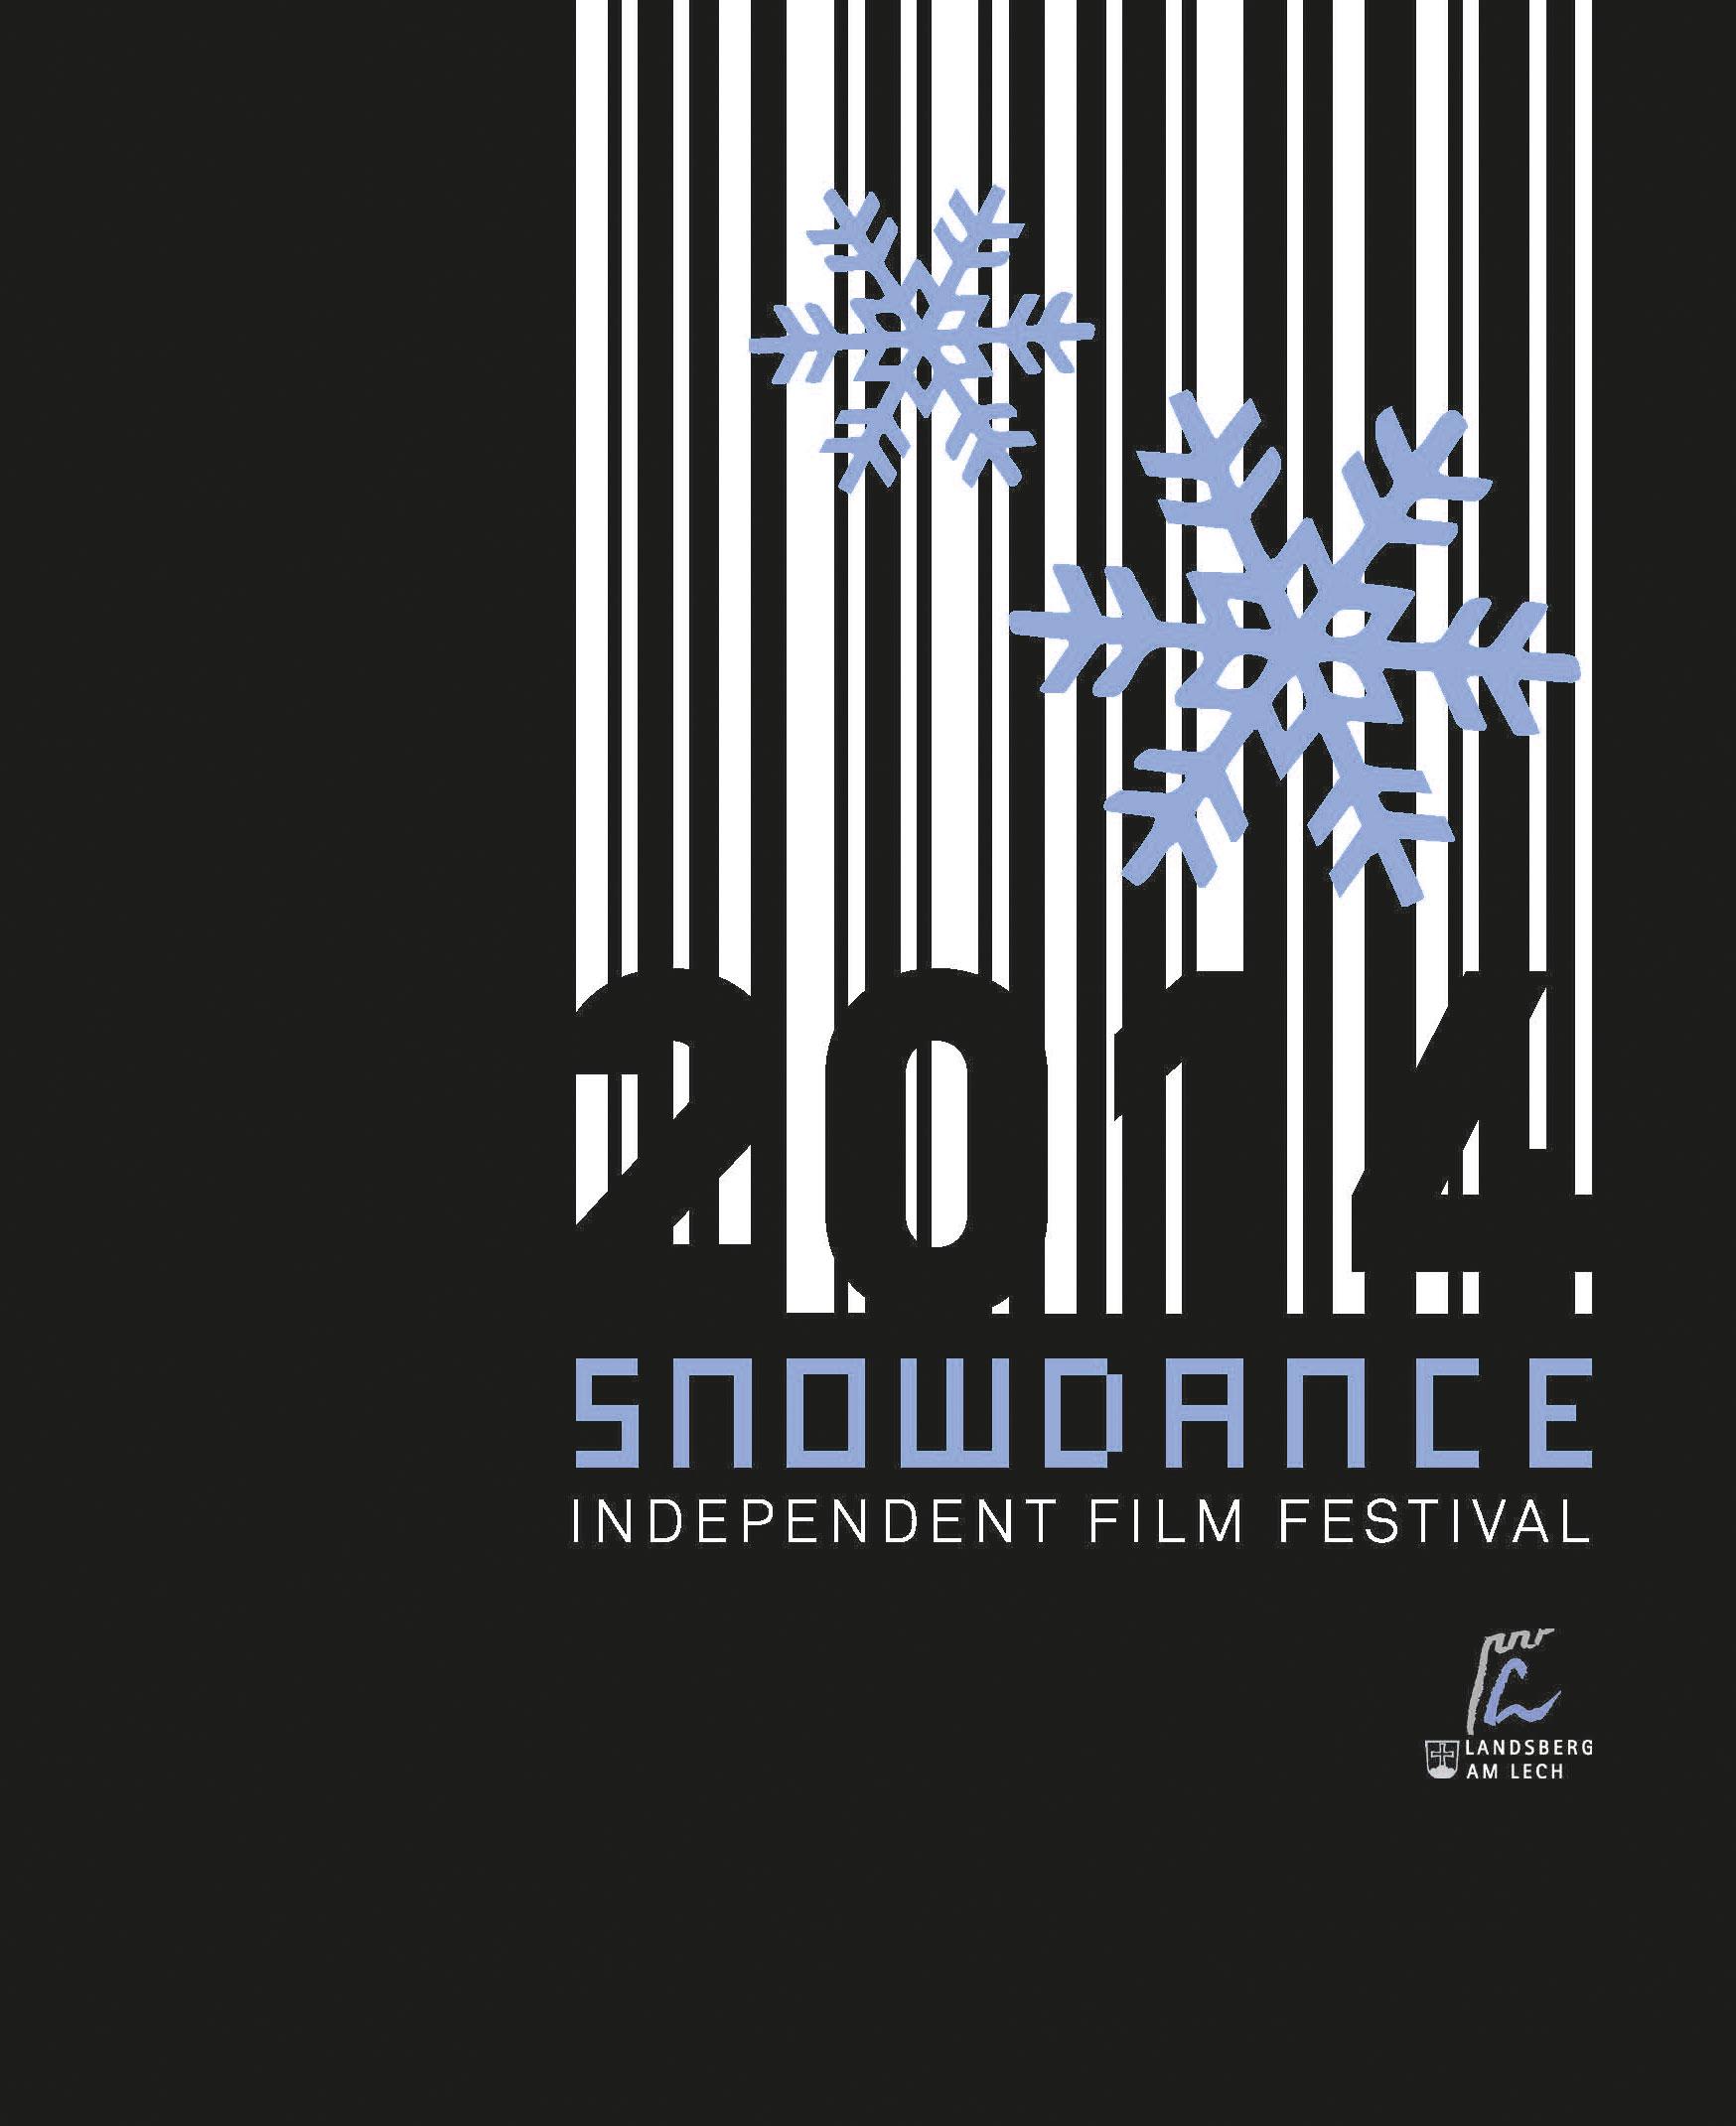 Snowdance, das Filmfestival